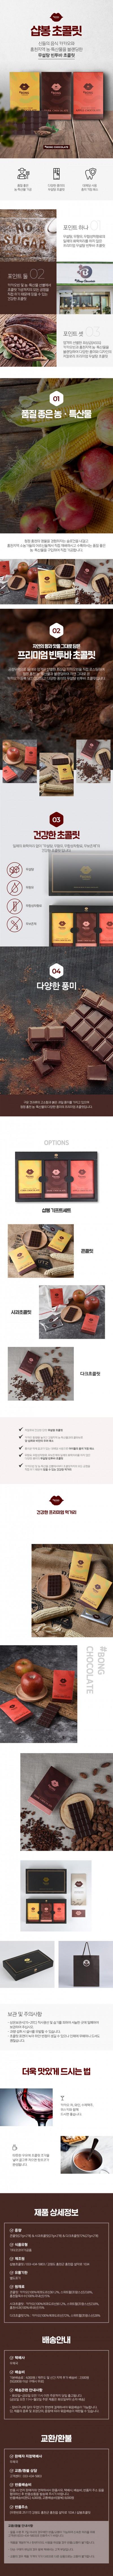 [T043]초콜릿 상세페이지 제작